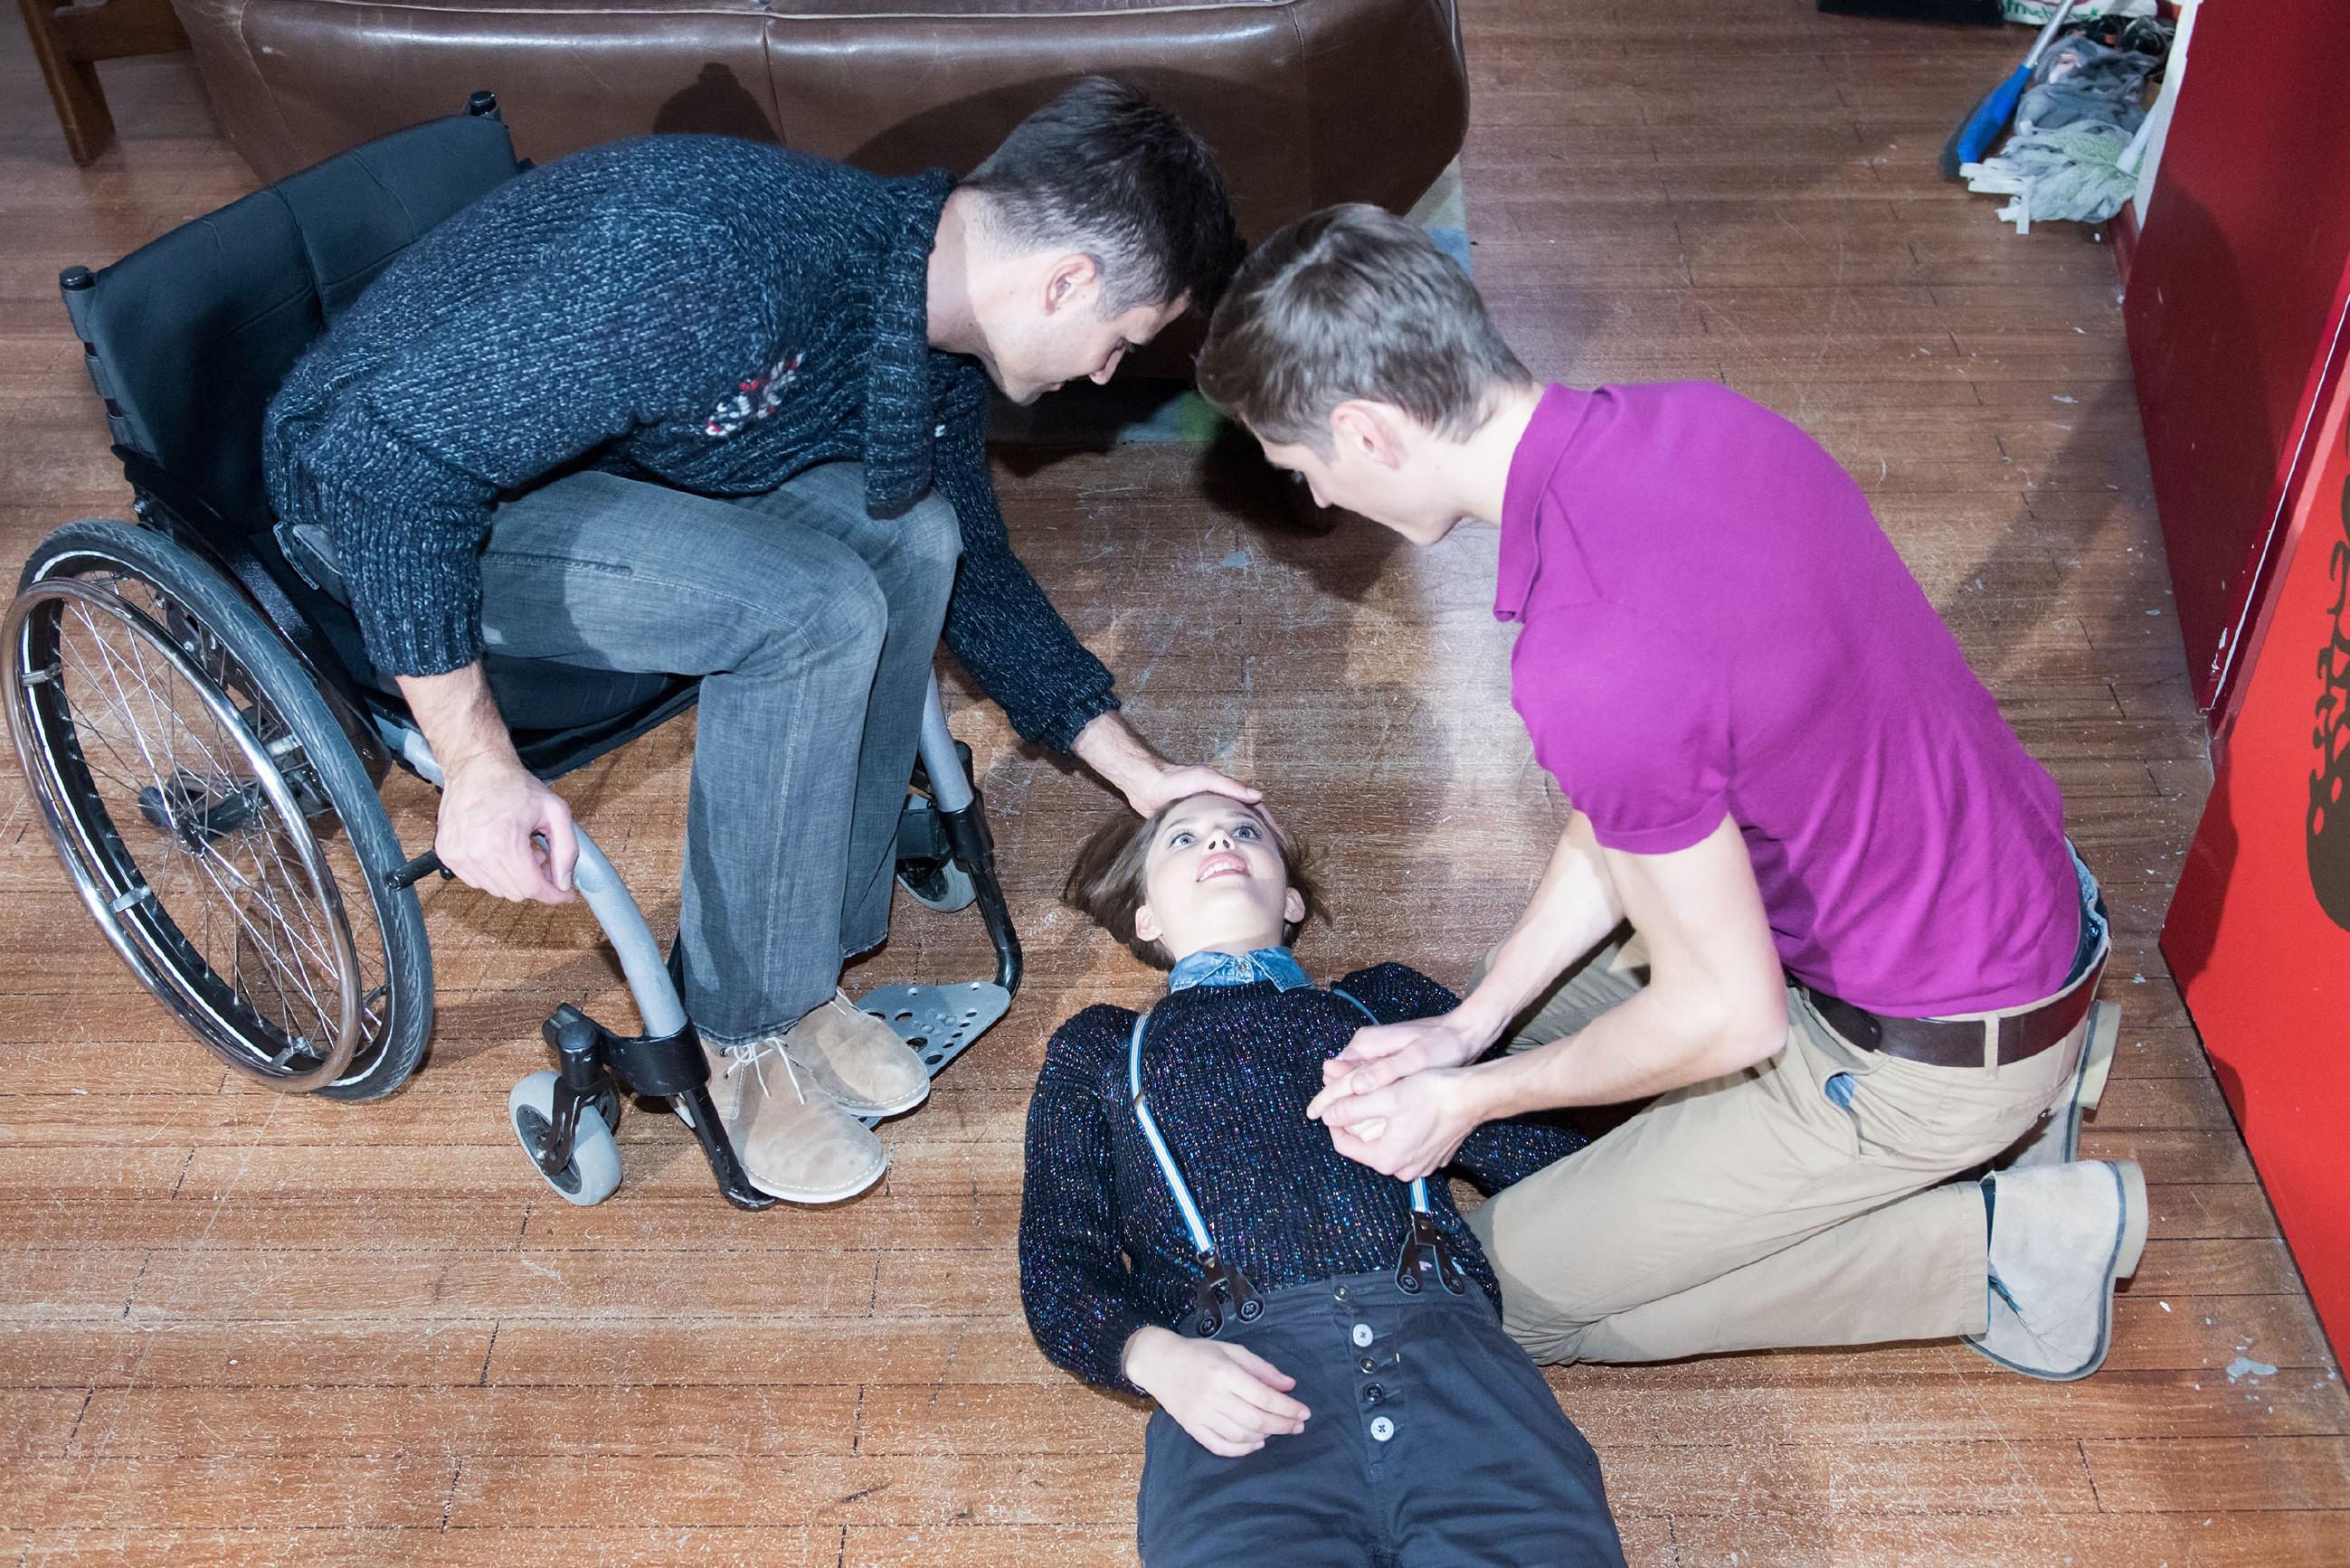 Paco (Milos Vukovic, l.) und Ringo (Timothy Boldt) erweisen sich in der Not als eingespieltes Team und retten Jule (Amrei Haardt) damit das Leben... (Quelle: RTL / Stefan Behrens)